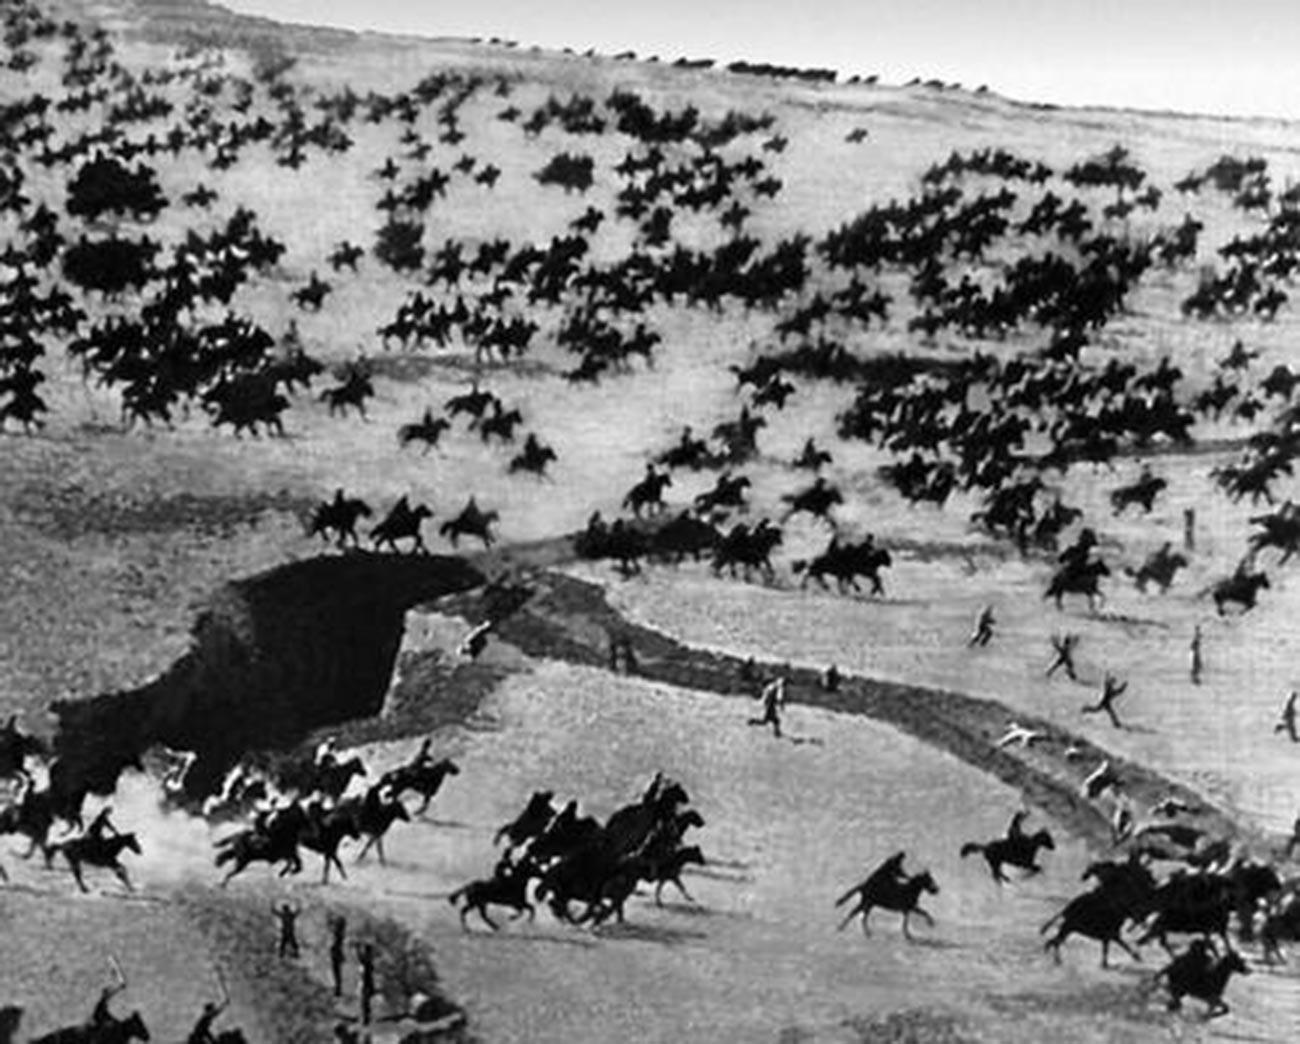 Kavaleri Tentara Merah dalam sebuah pertempuran.